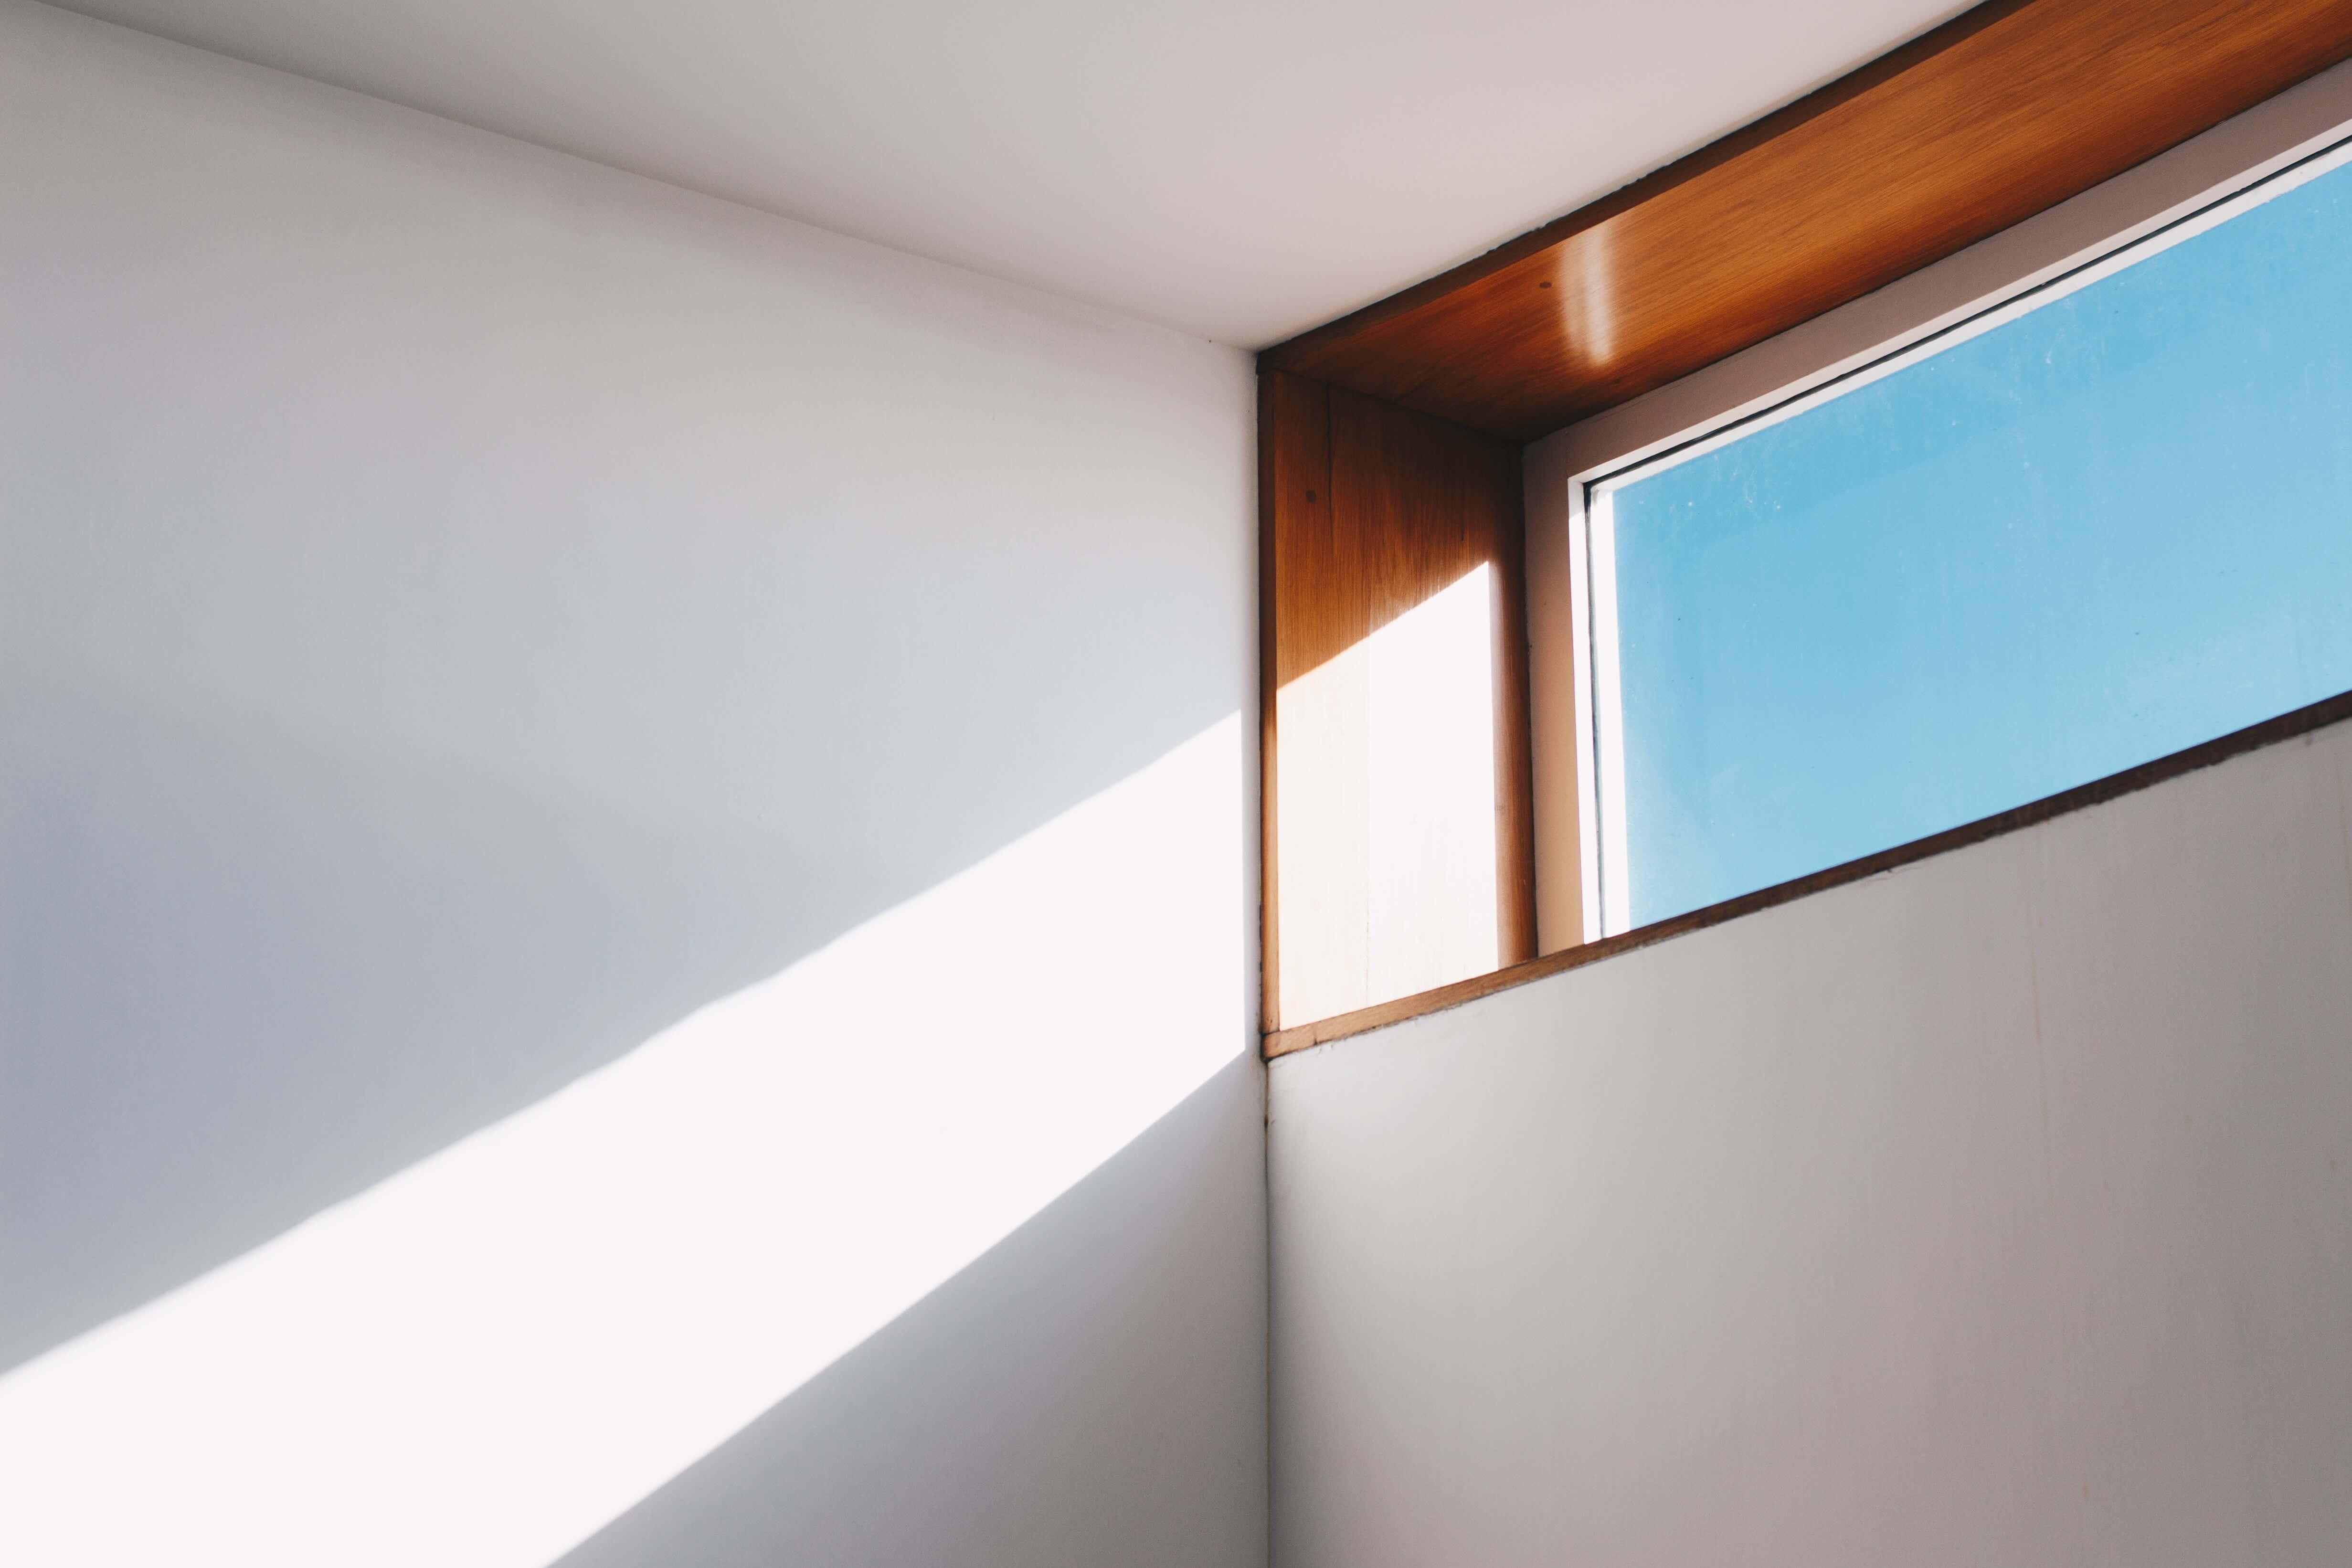 高い位置に窓を作る